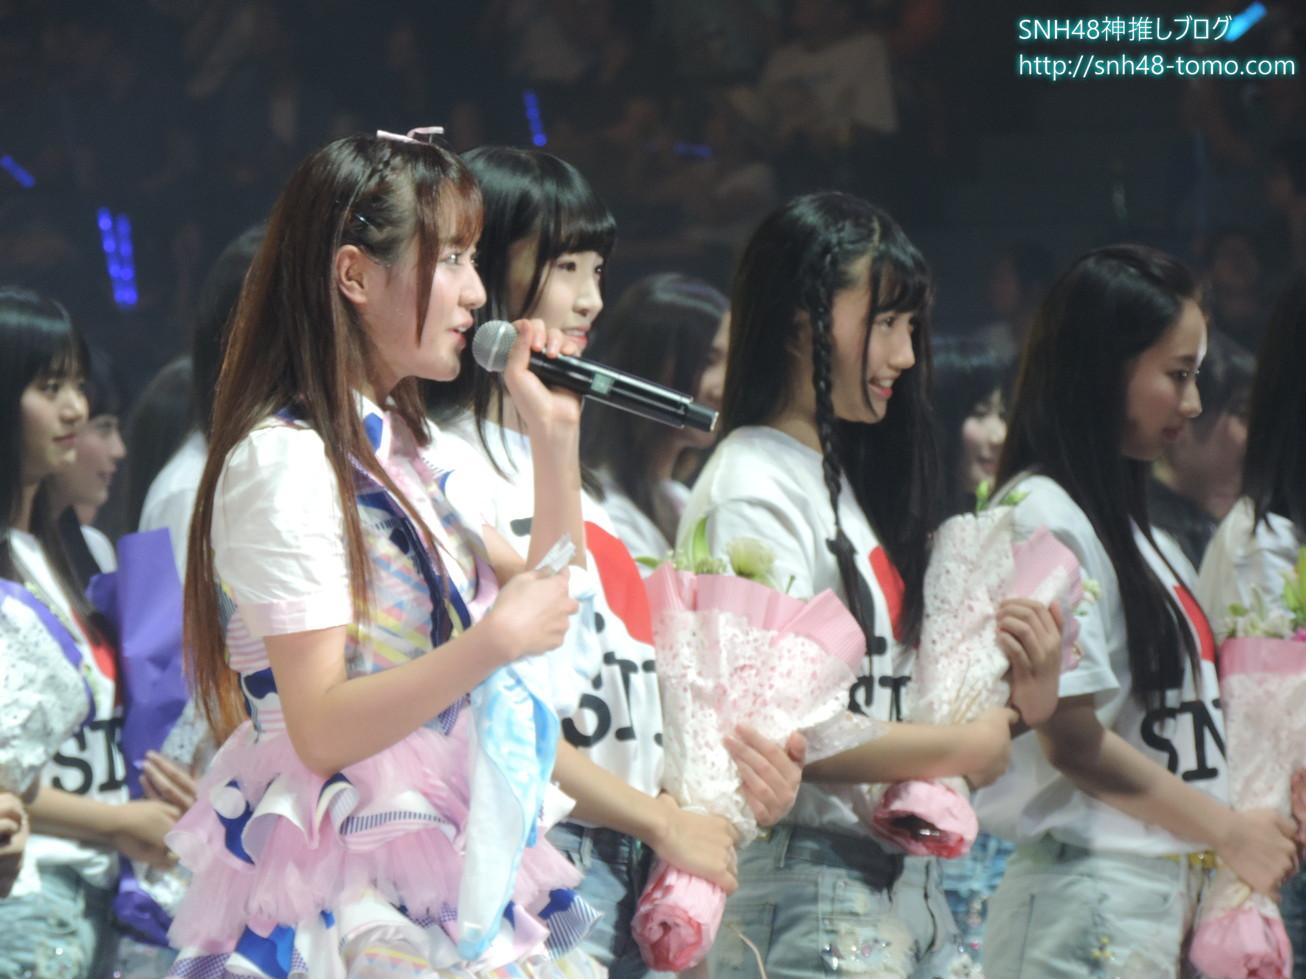 【超必見】SNH48第二回選抜総選挙レポート:コンサート編(最終回 ヘビーローテーション他)